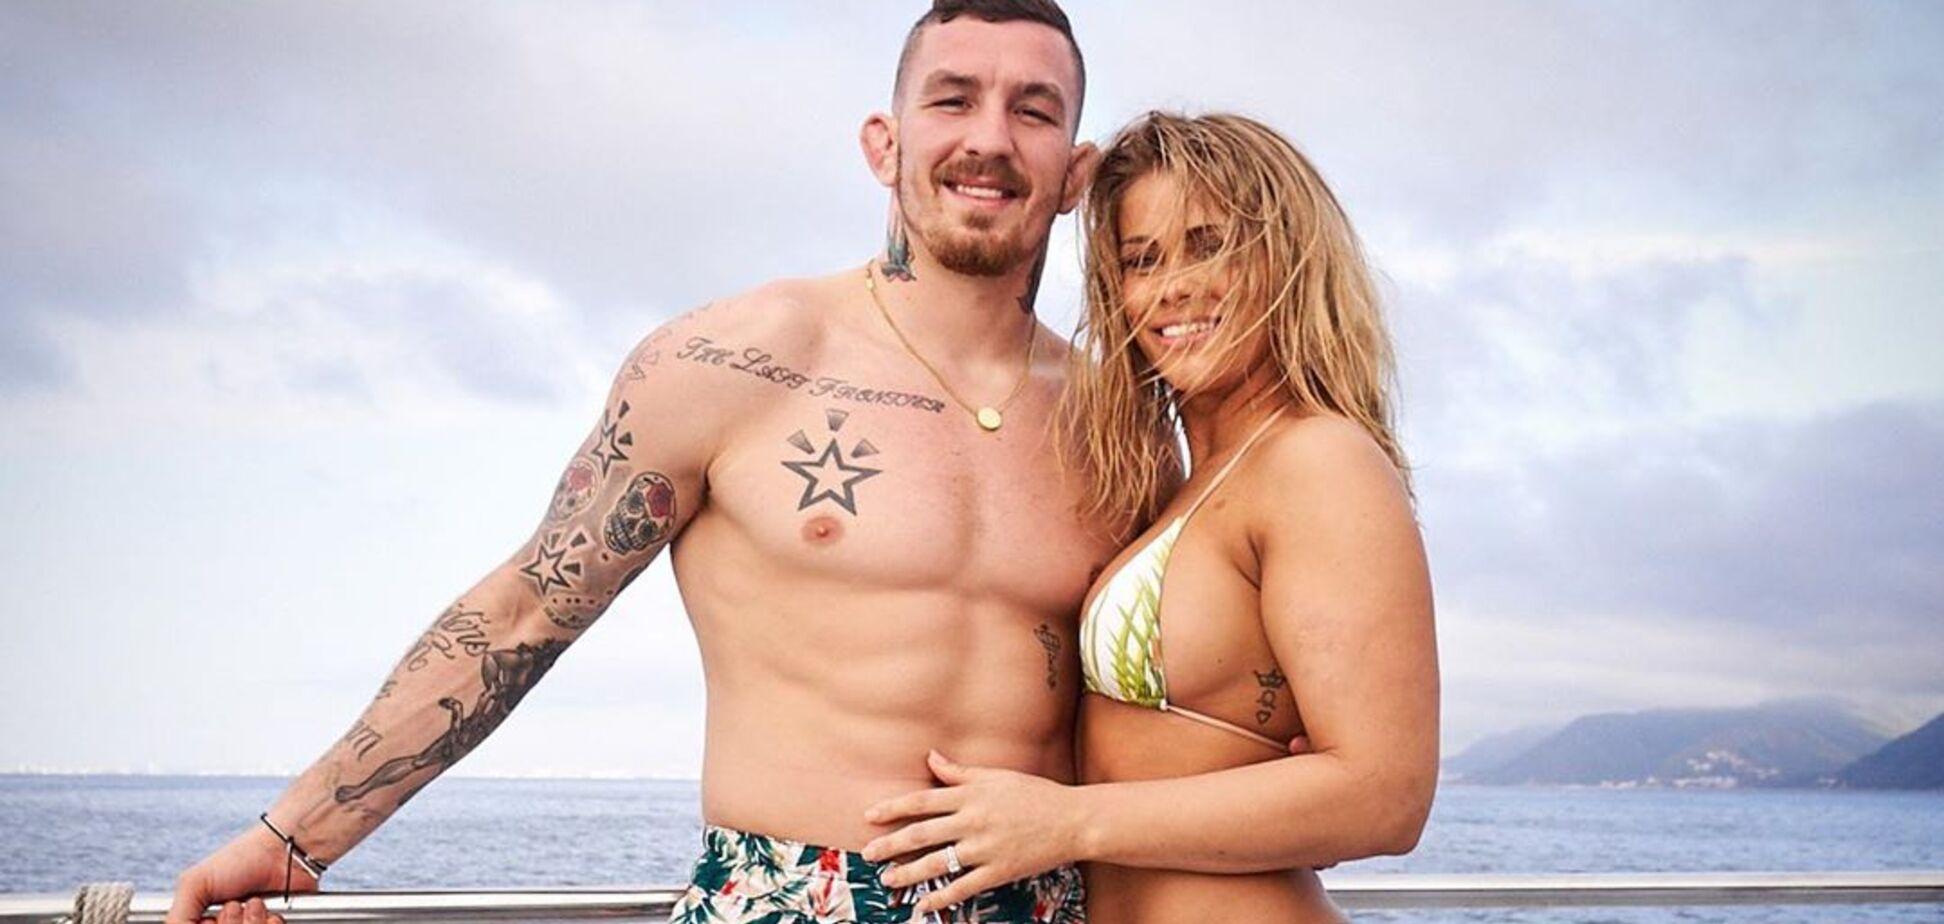 Знаменитая красотка из UFC Пейдж ВанЗант выложила свое голое фото